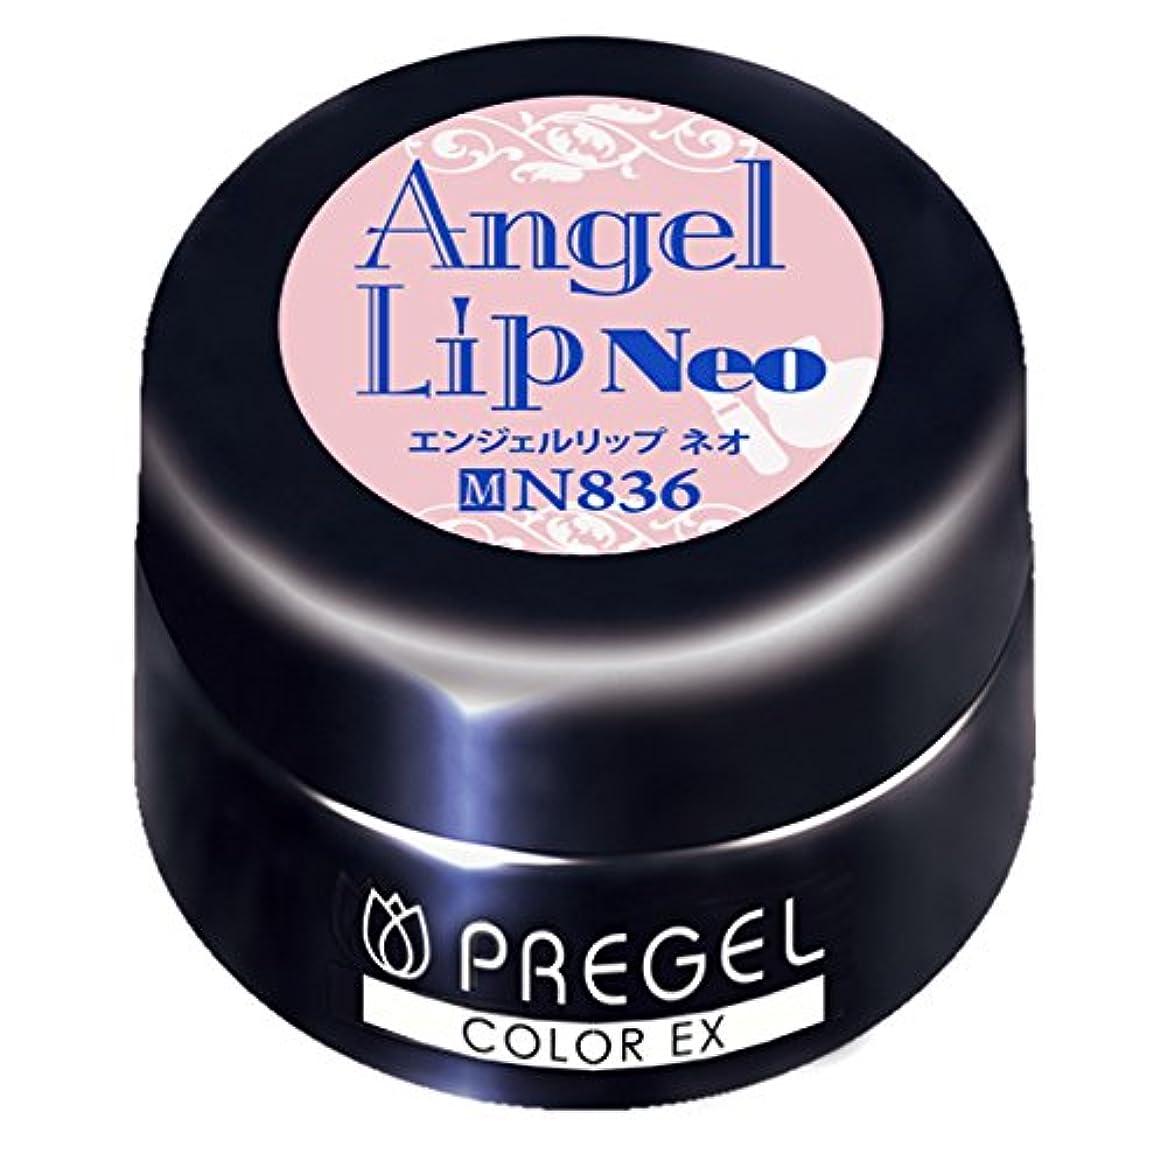 精神出くわす悔い改めるPRE GEL カラーEX エンジェルリップneo836 3g UV/LED対応